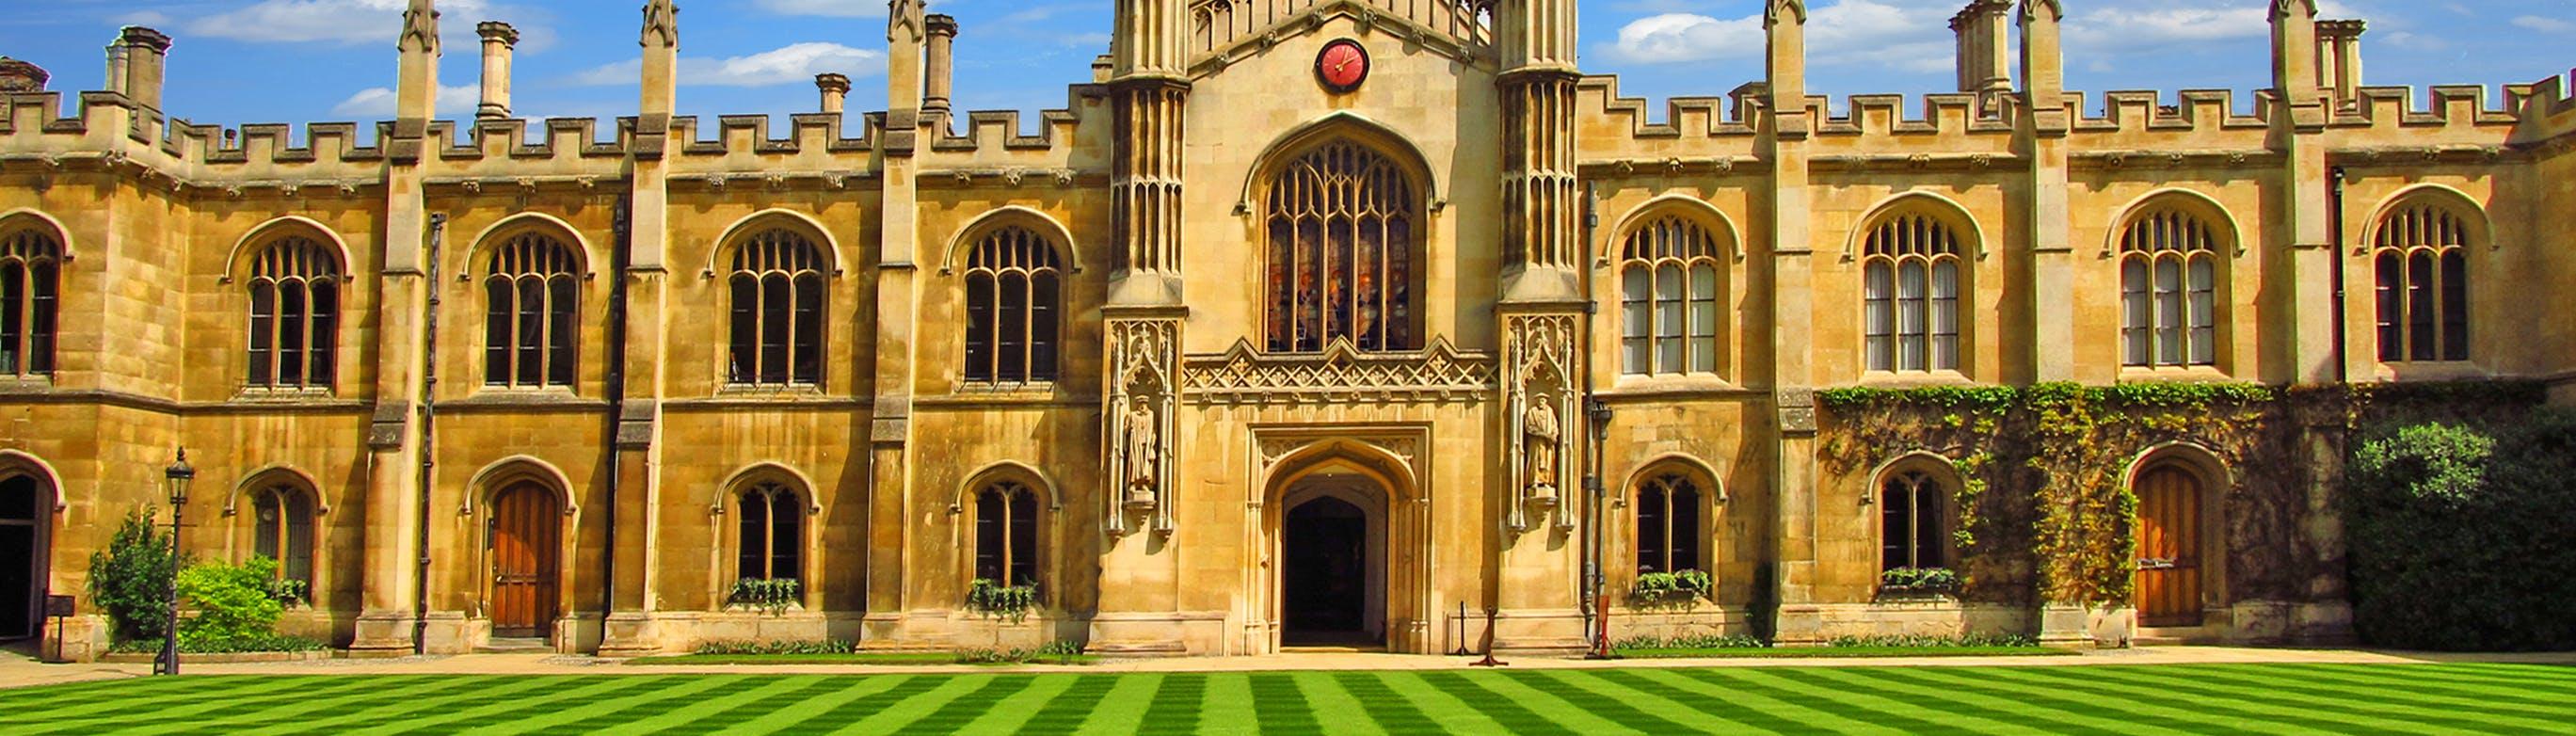 Best Universities for Law in Europe   Law School Rankings 20 ...